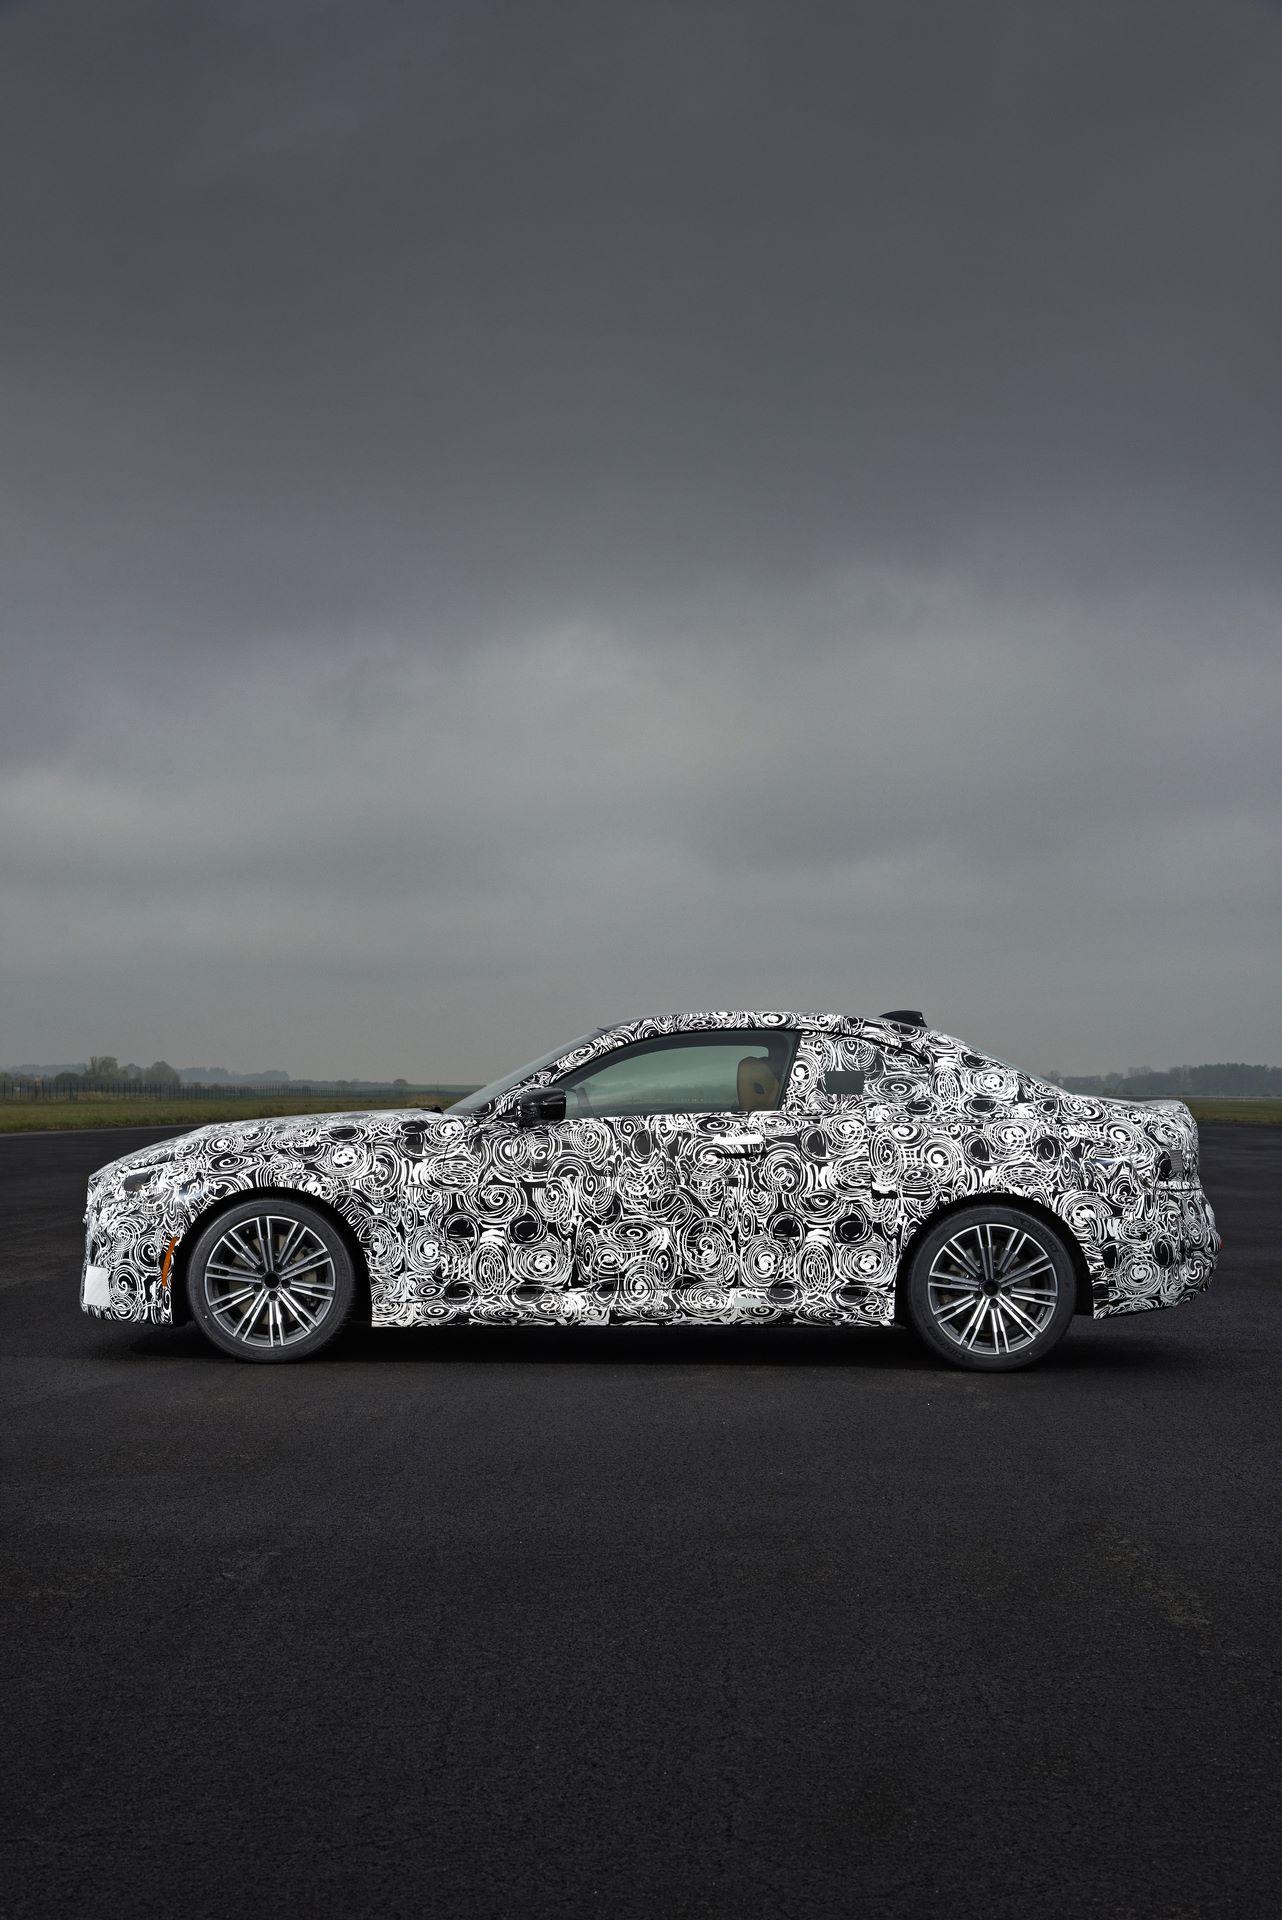 BMW-2-Series-M240i-spy-photos-55